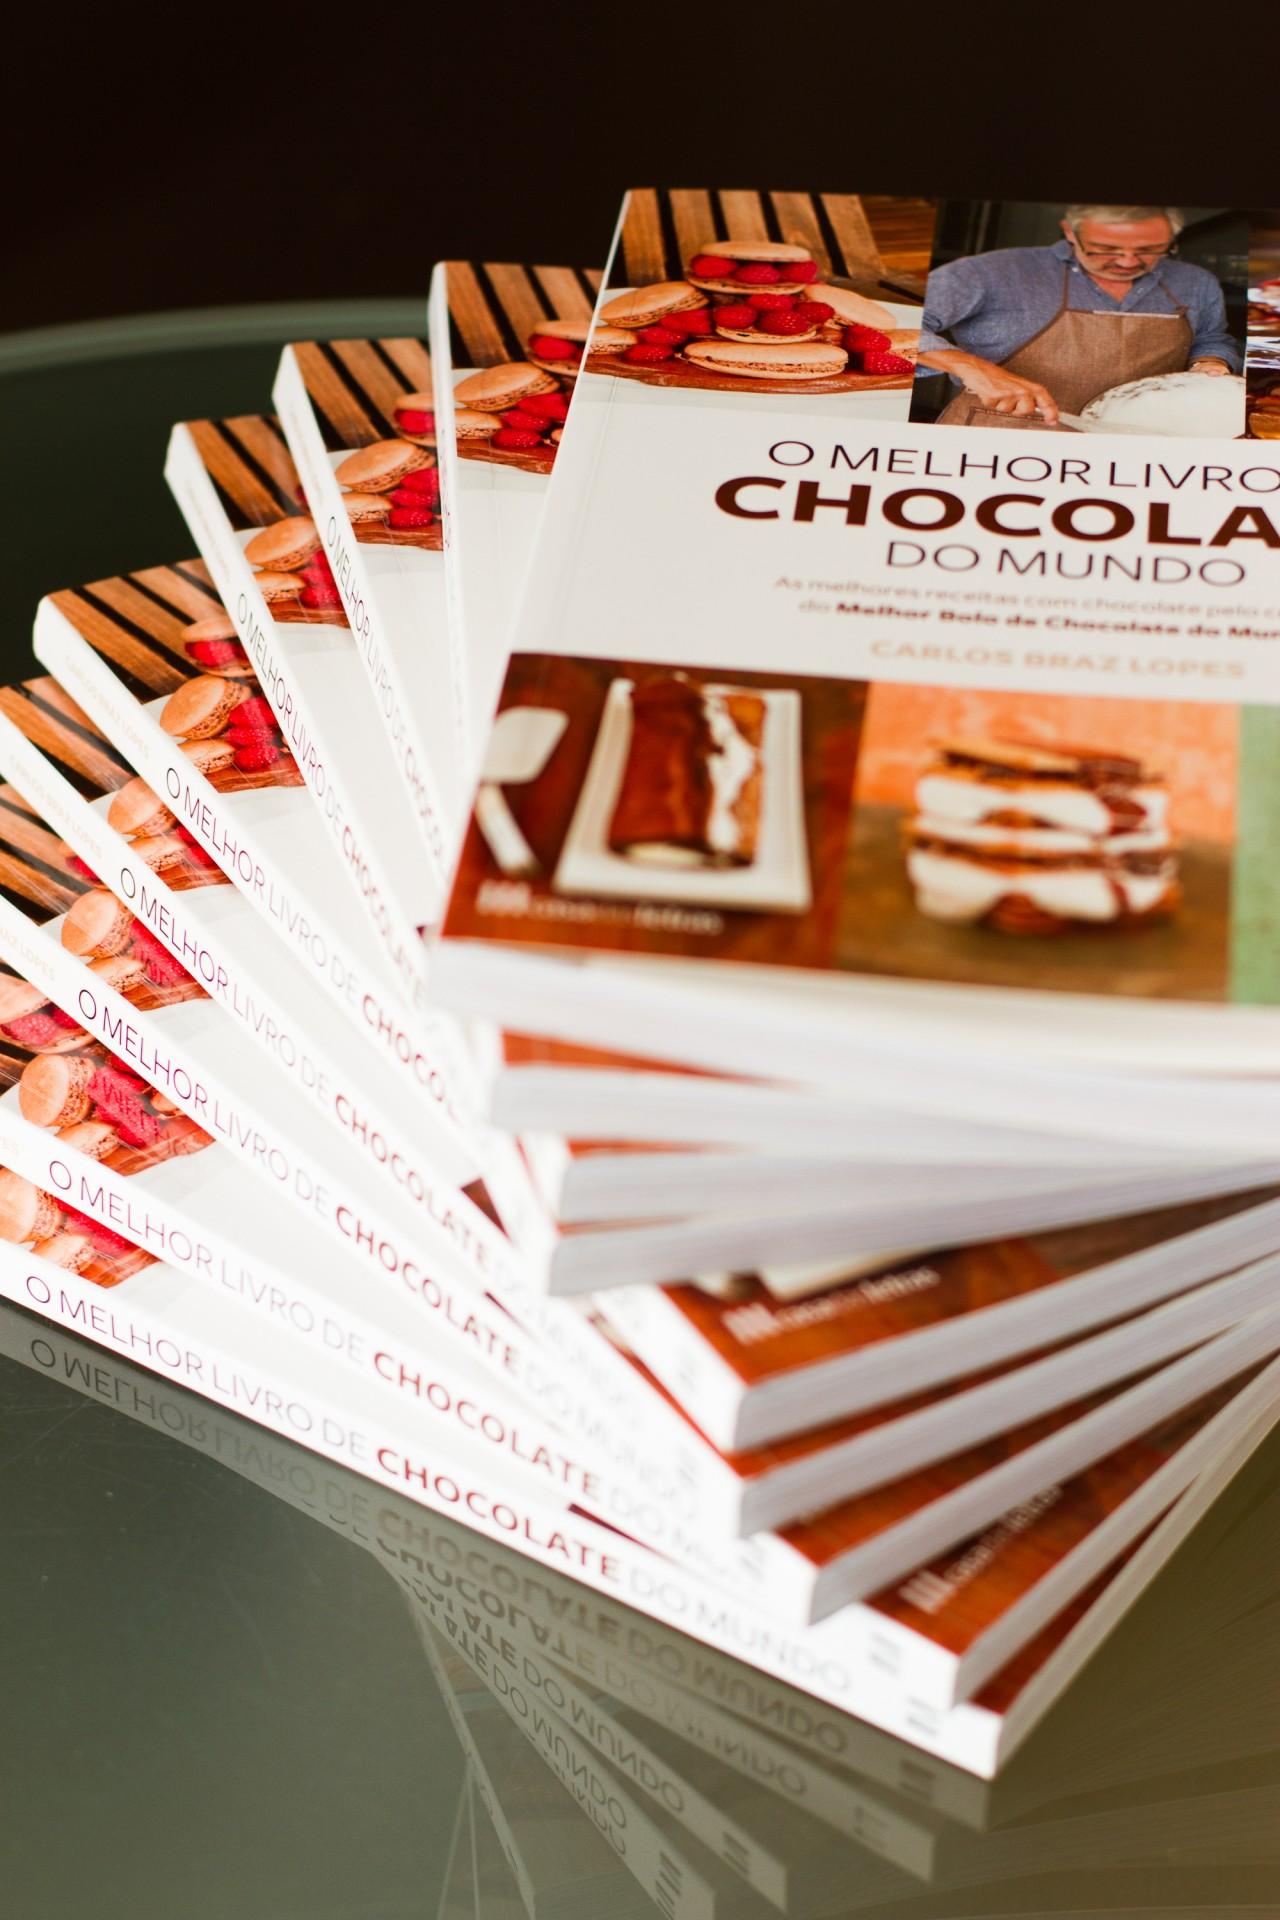 O Melhor Livro de Chocolate do Mundo by Carlos Braz Lopes